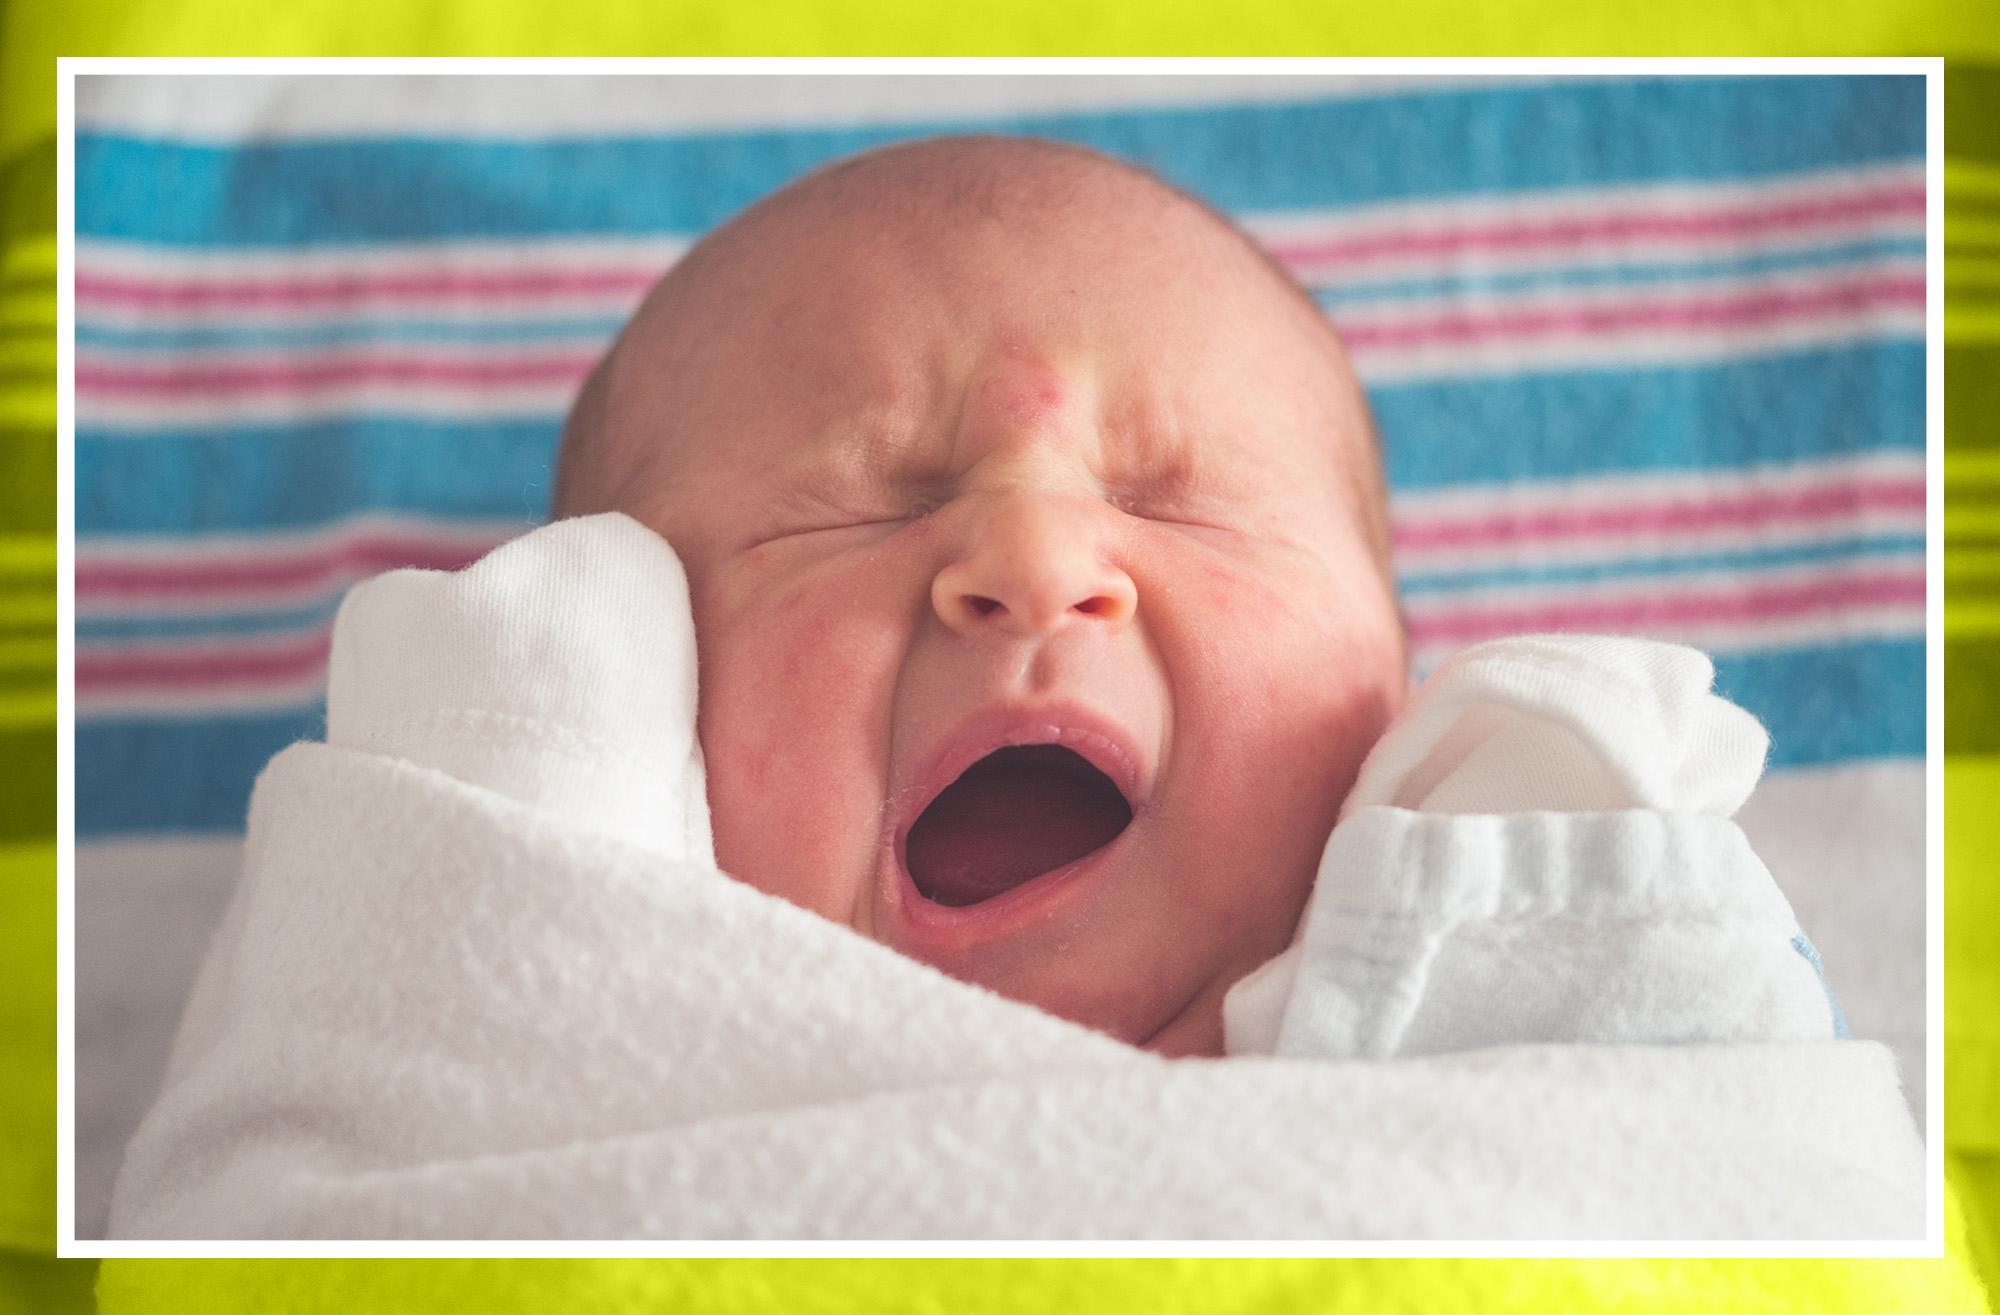 Sarpullido en mi bebé: tipos, tratamientos y consejos.